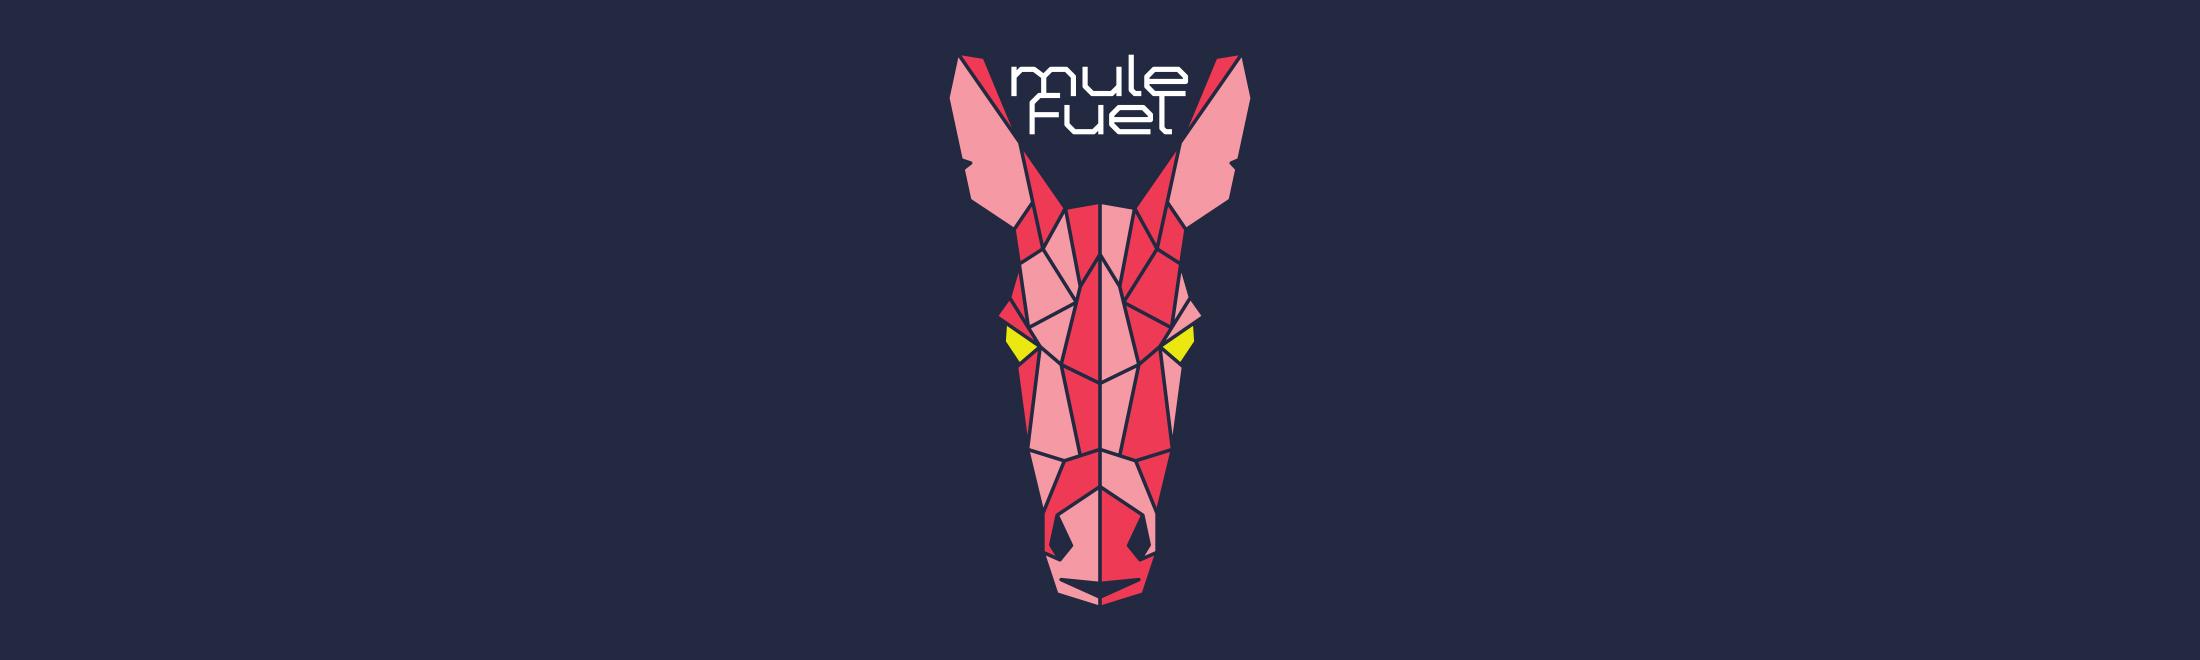 alfa-web-slider-mule-fuel.jpg